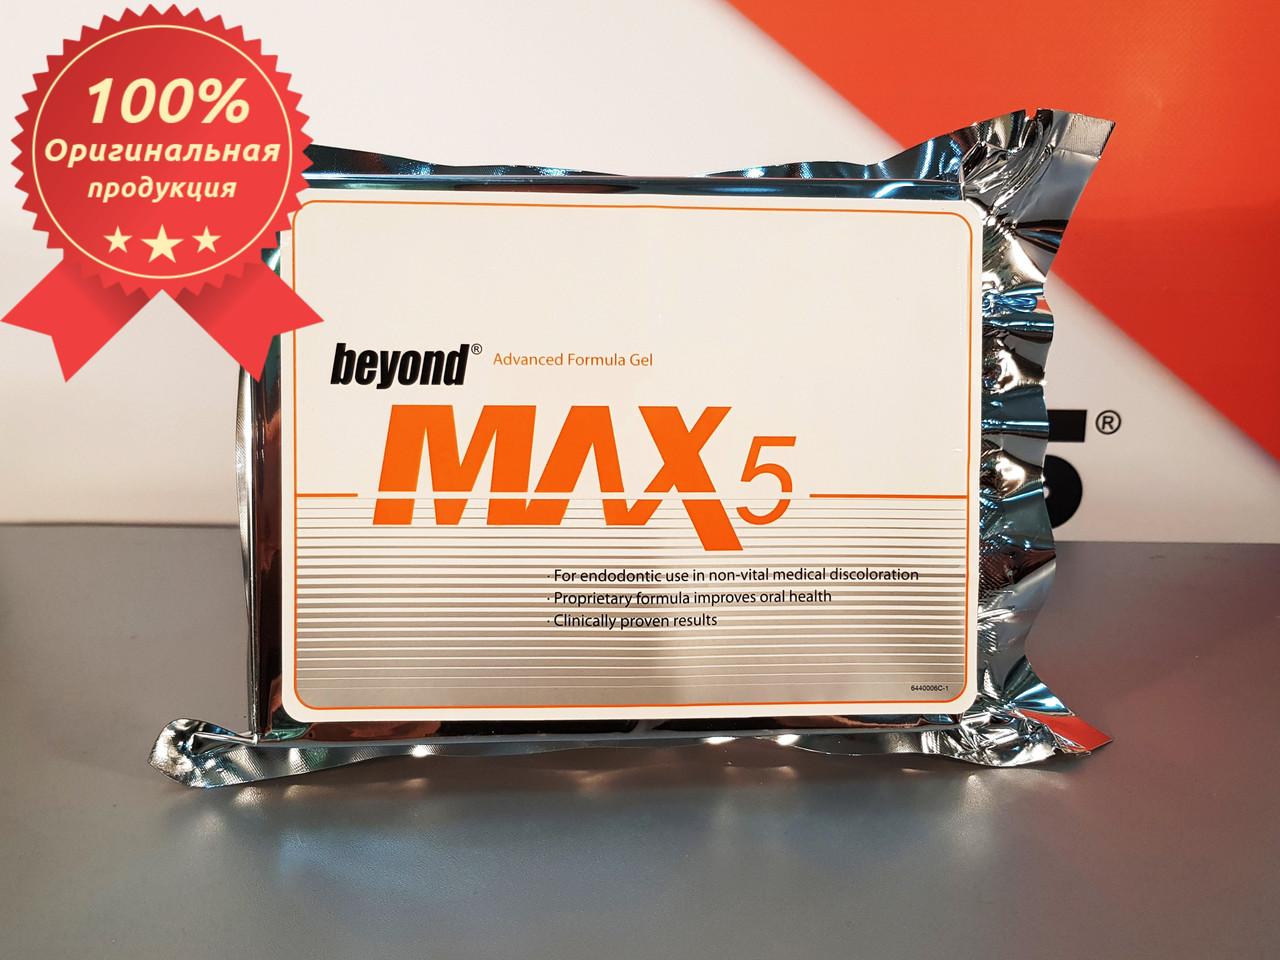 Набор гелей Beyond Max 5 для профессионального отбеливания зубов